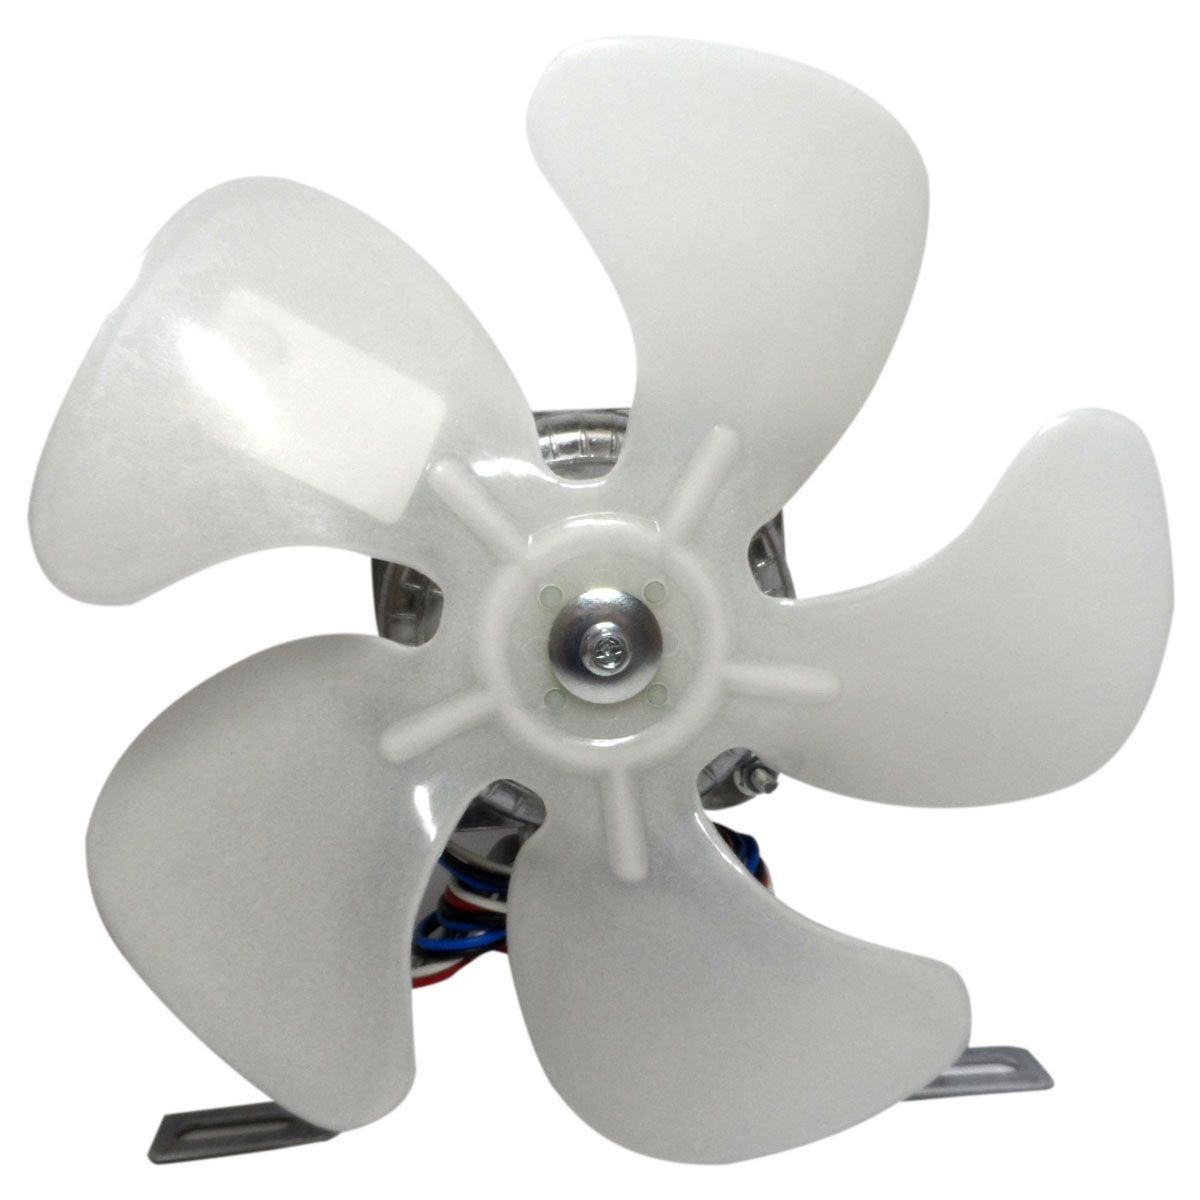 Micromotor Exaustor 1/40 Com Suporte e Hélice Plástica Bivolt EOS/ELCO